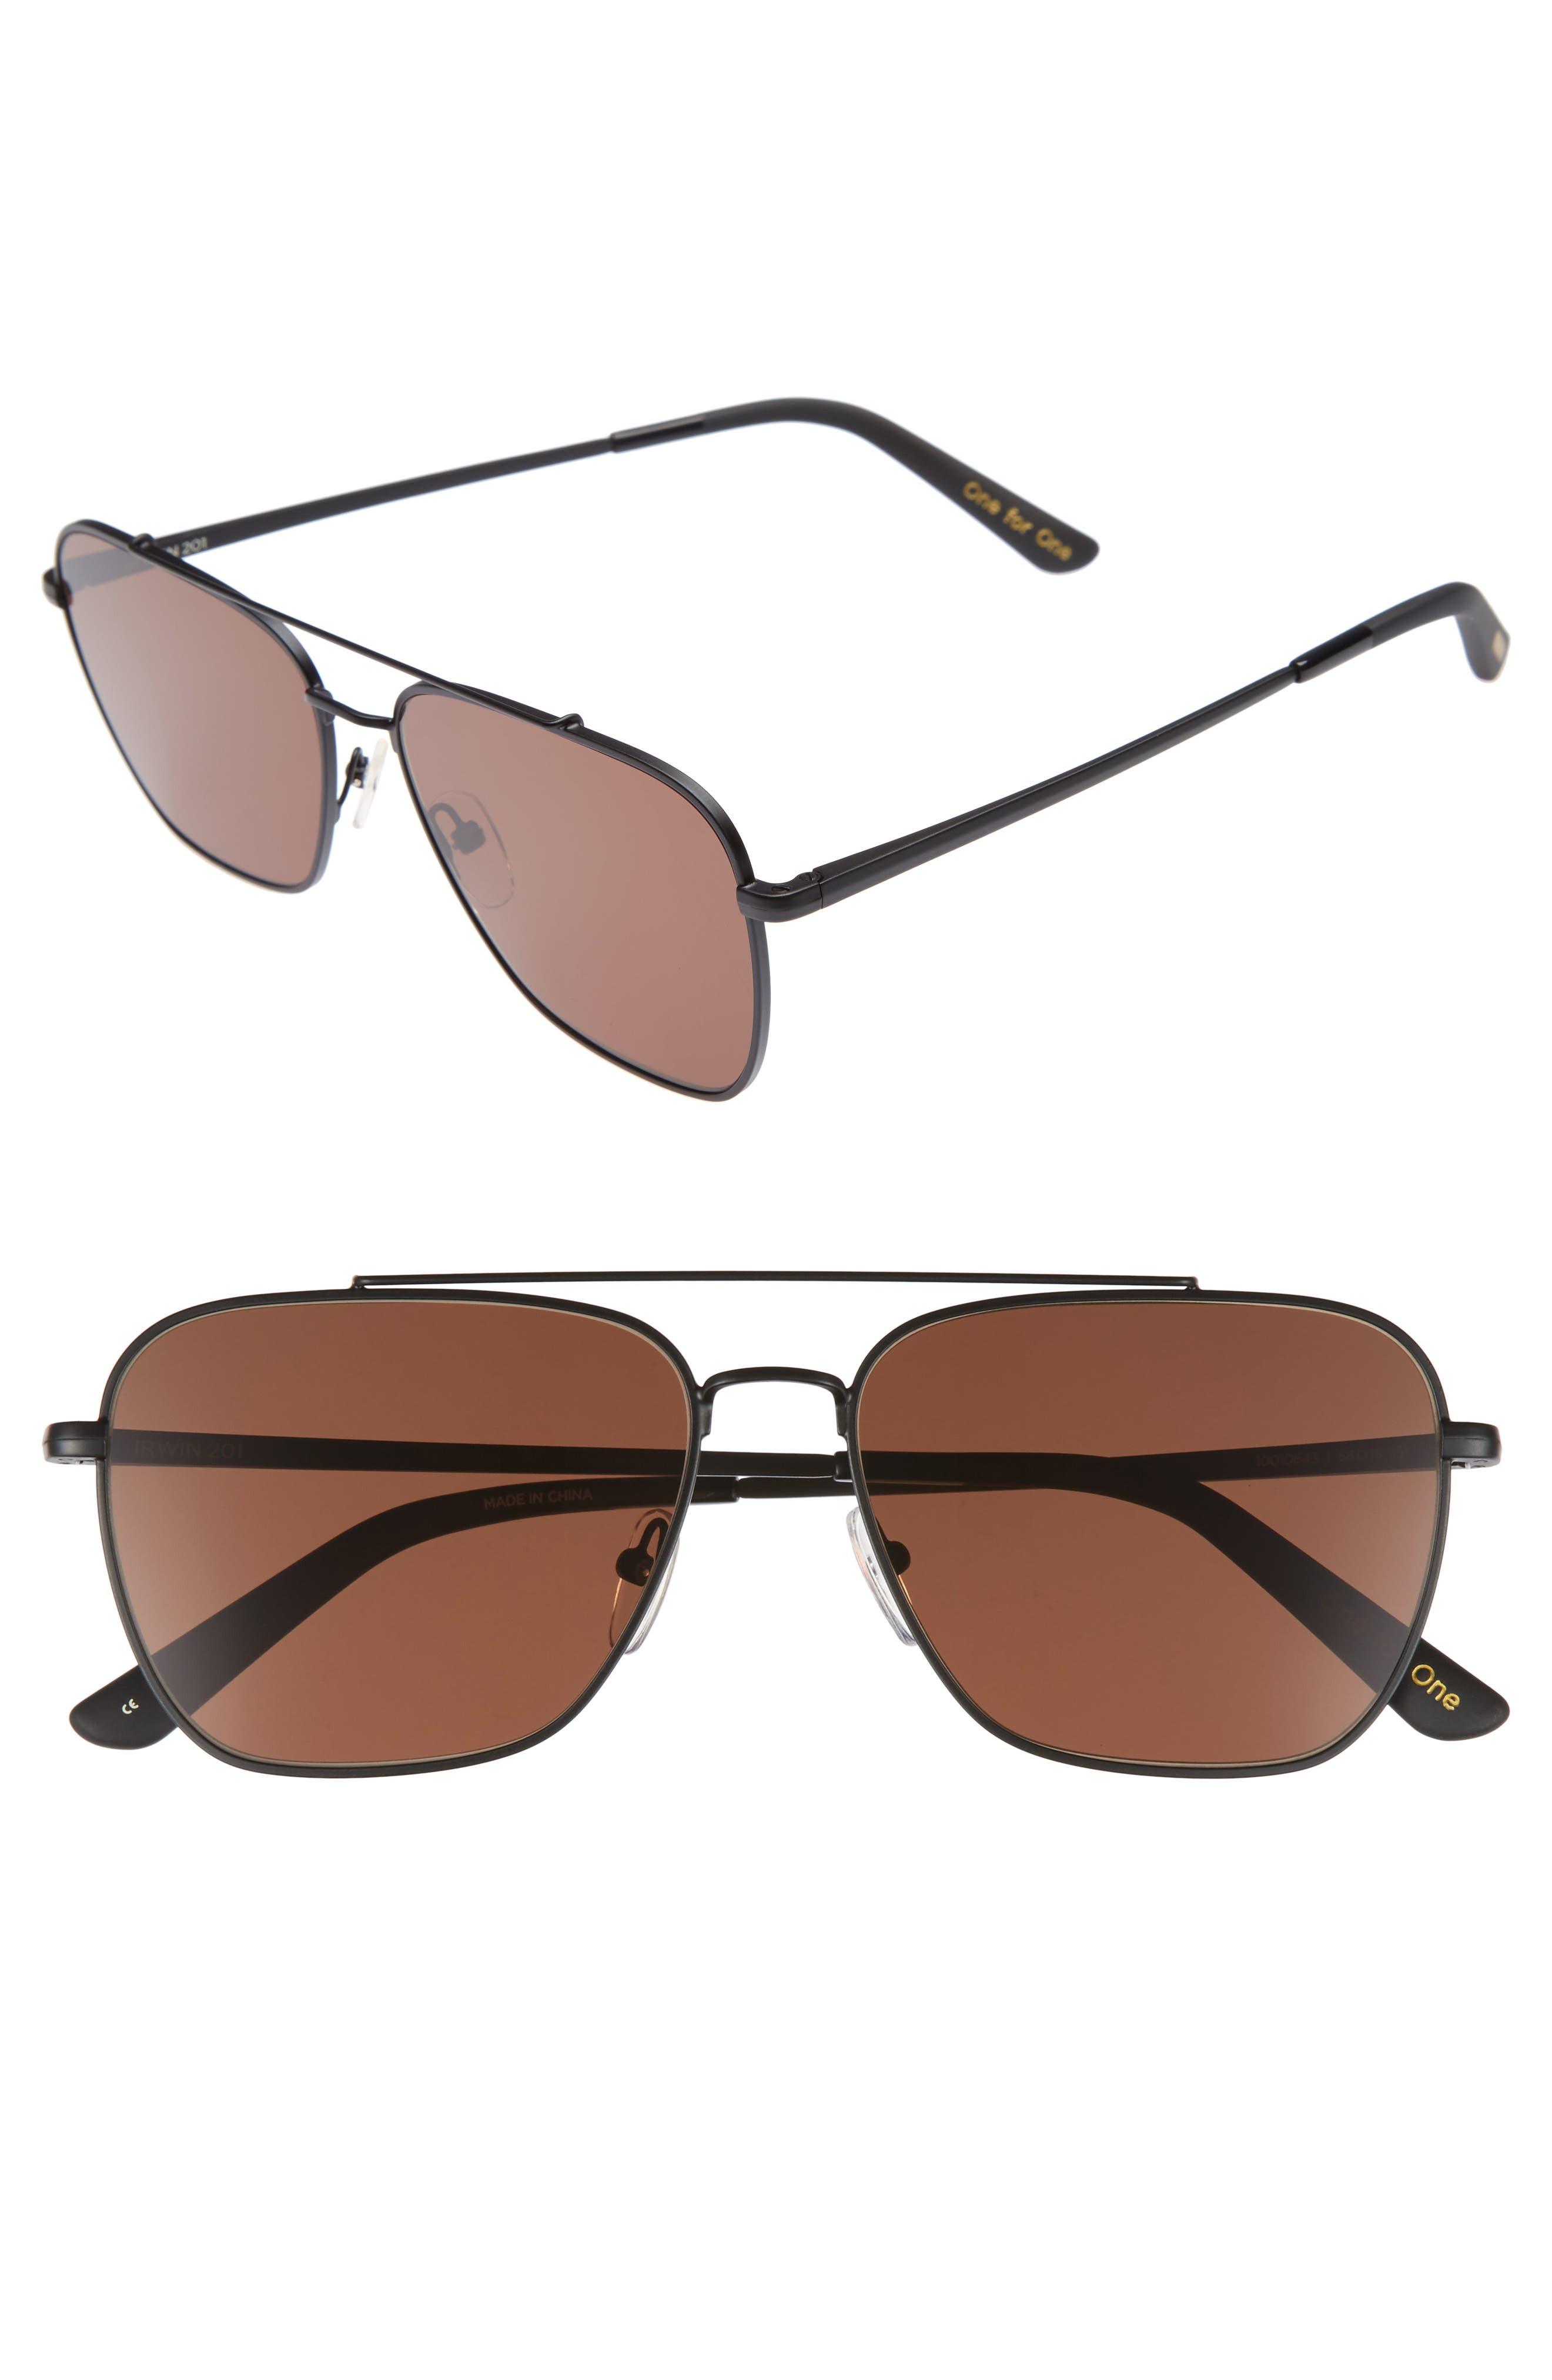 Irwin 58mm Sunglasses,                         Main,                         color, Matte Black